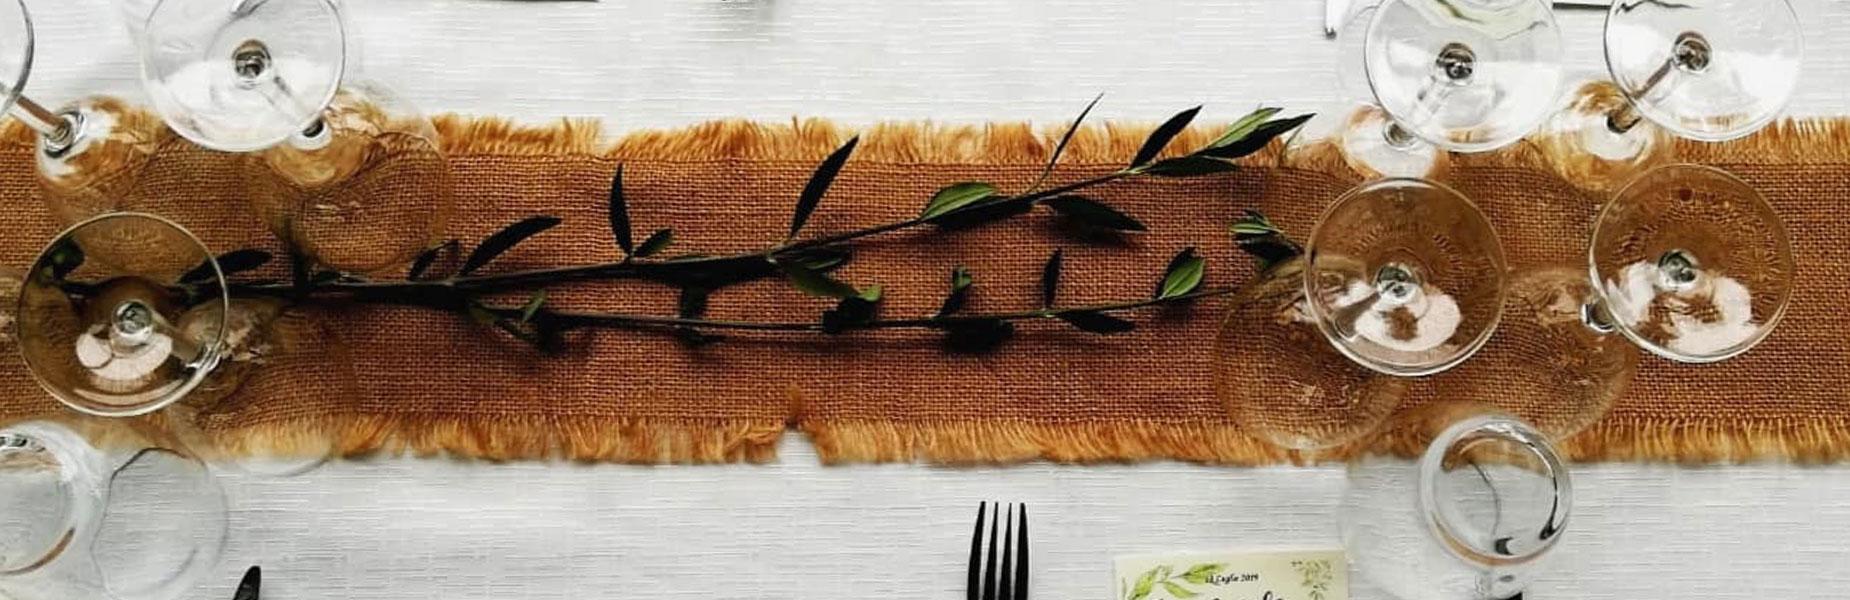 Organic restaurant | Organic cuisine